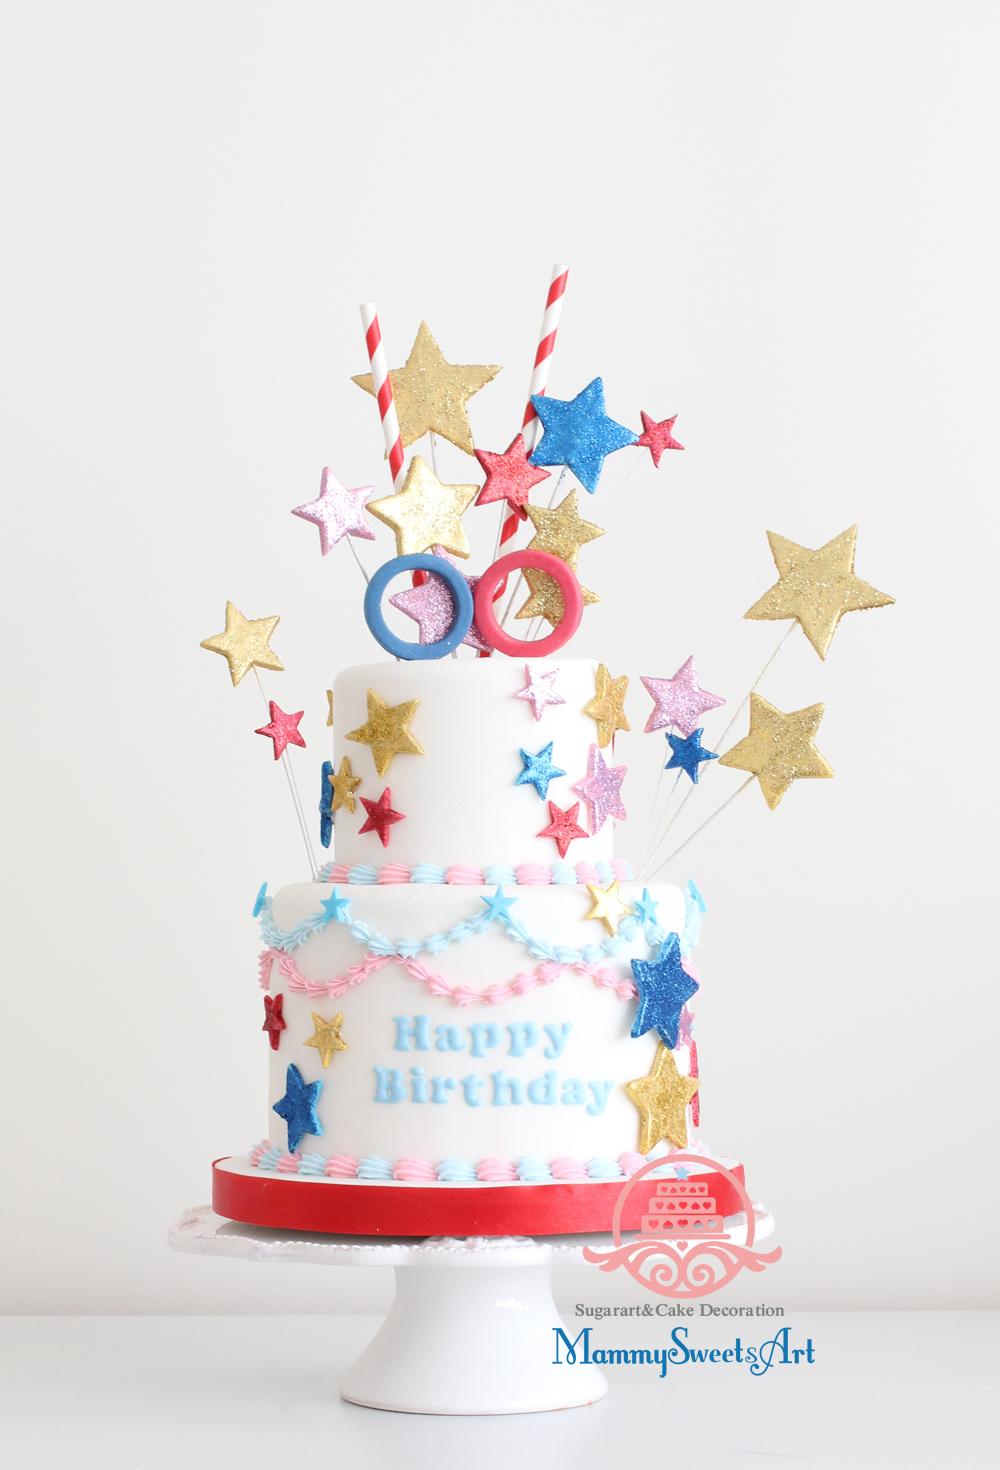 コクーンシティー4周年記念ビジュアル用ケーキを制作させていただきました。